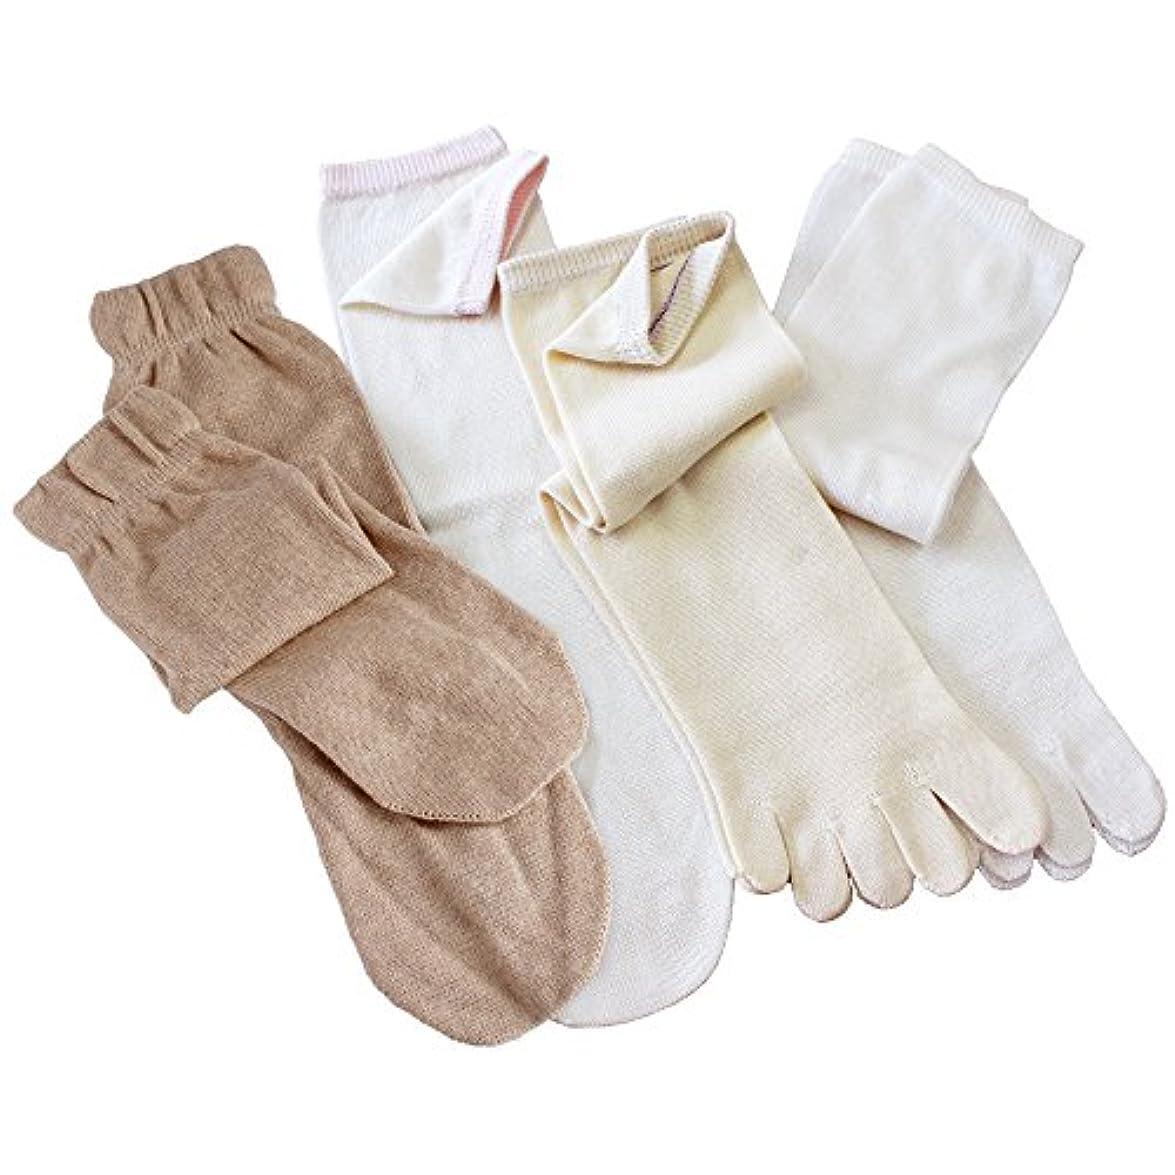 苦しみ好奇心盛識別hiorie(ヒオリエ) 日本製 冷えとり靴下 シルク&コットン 5本指ソックス(重ねばき専用 4足セット) 正絹 綿